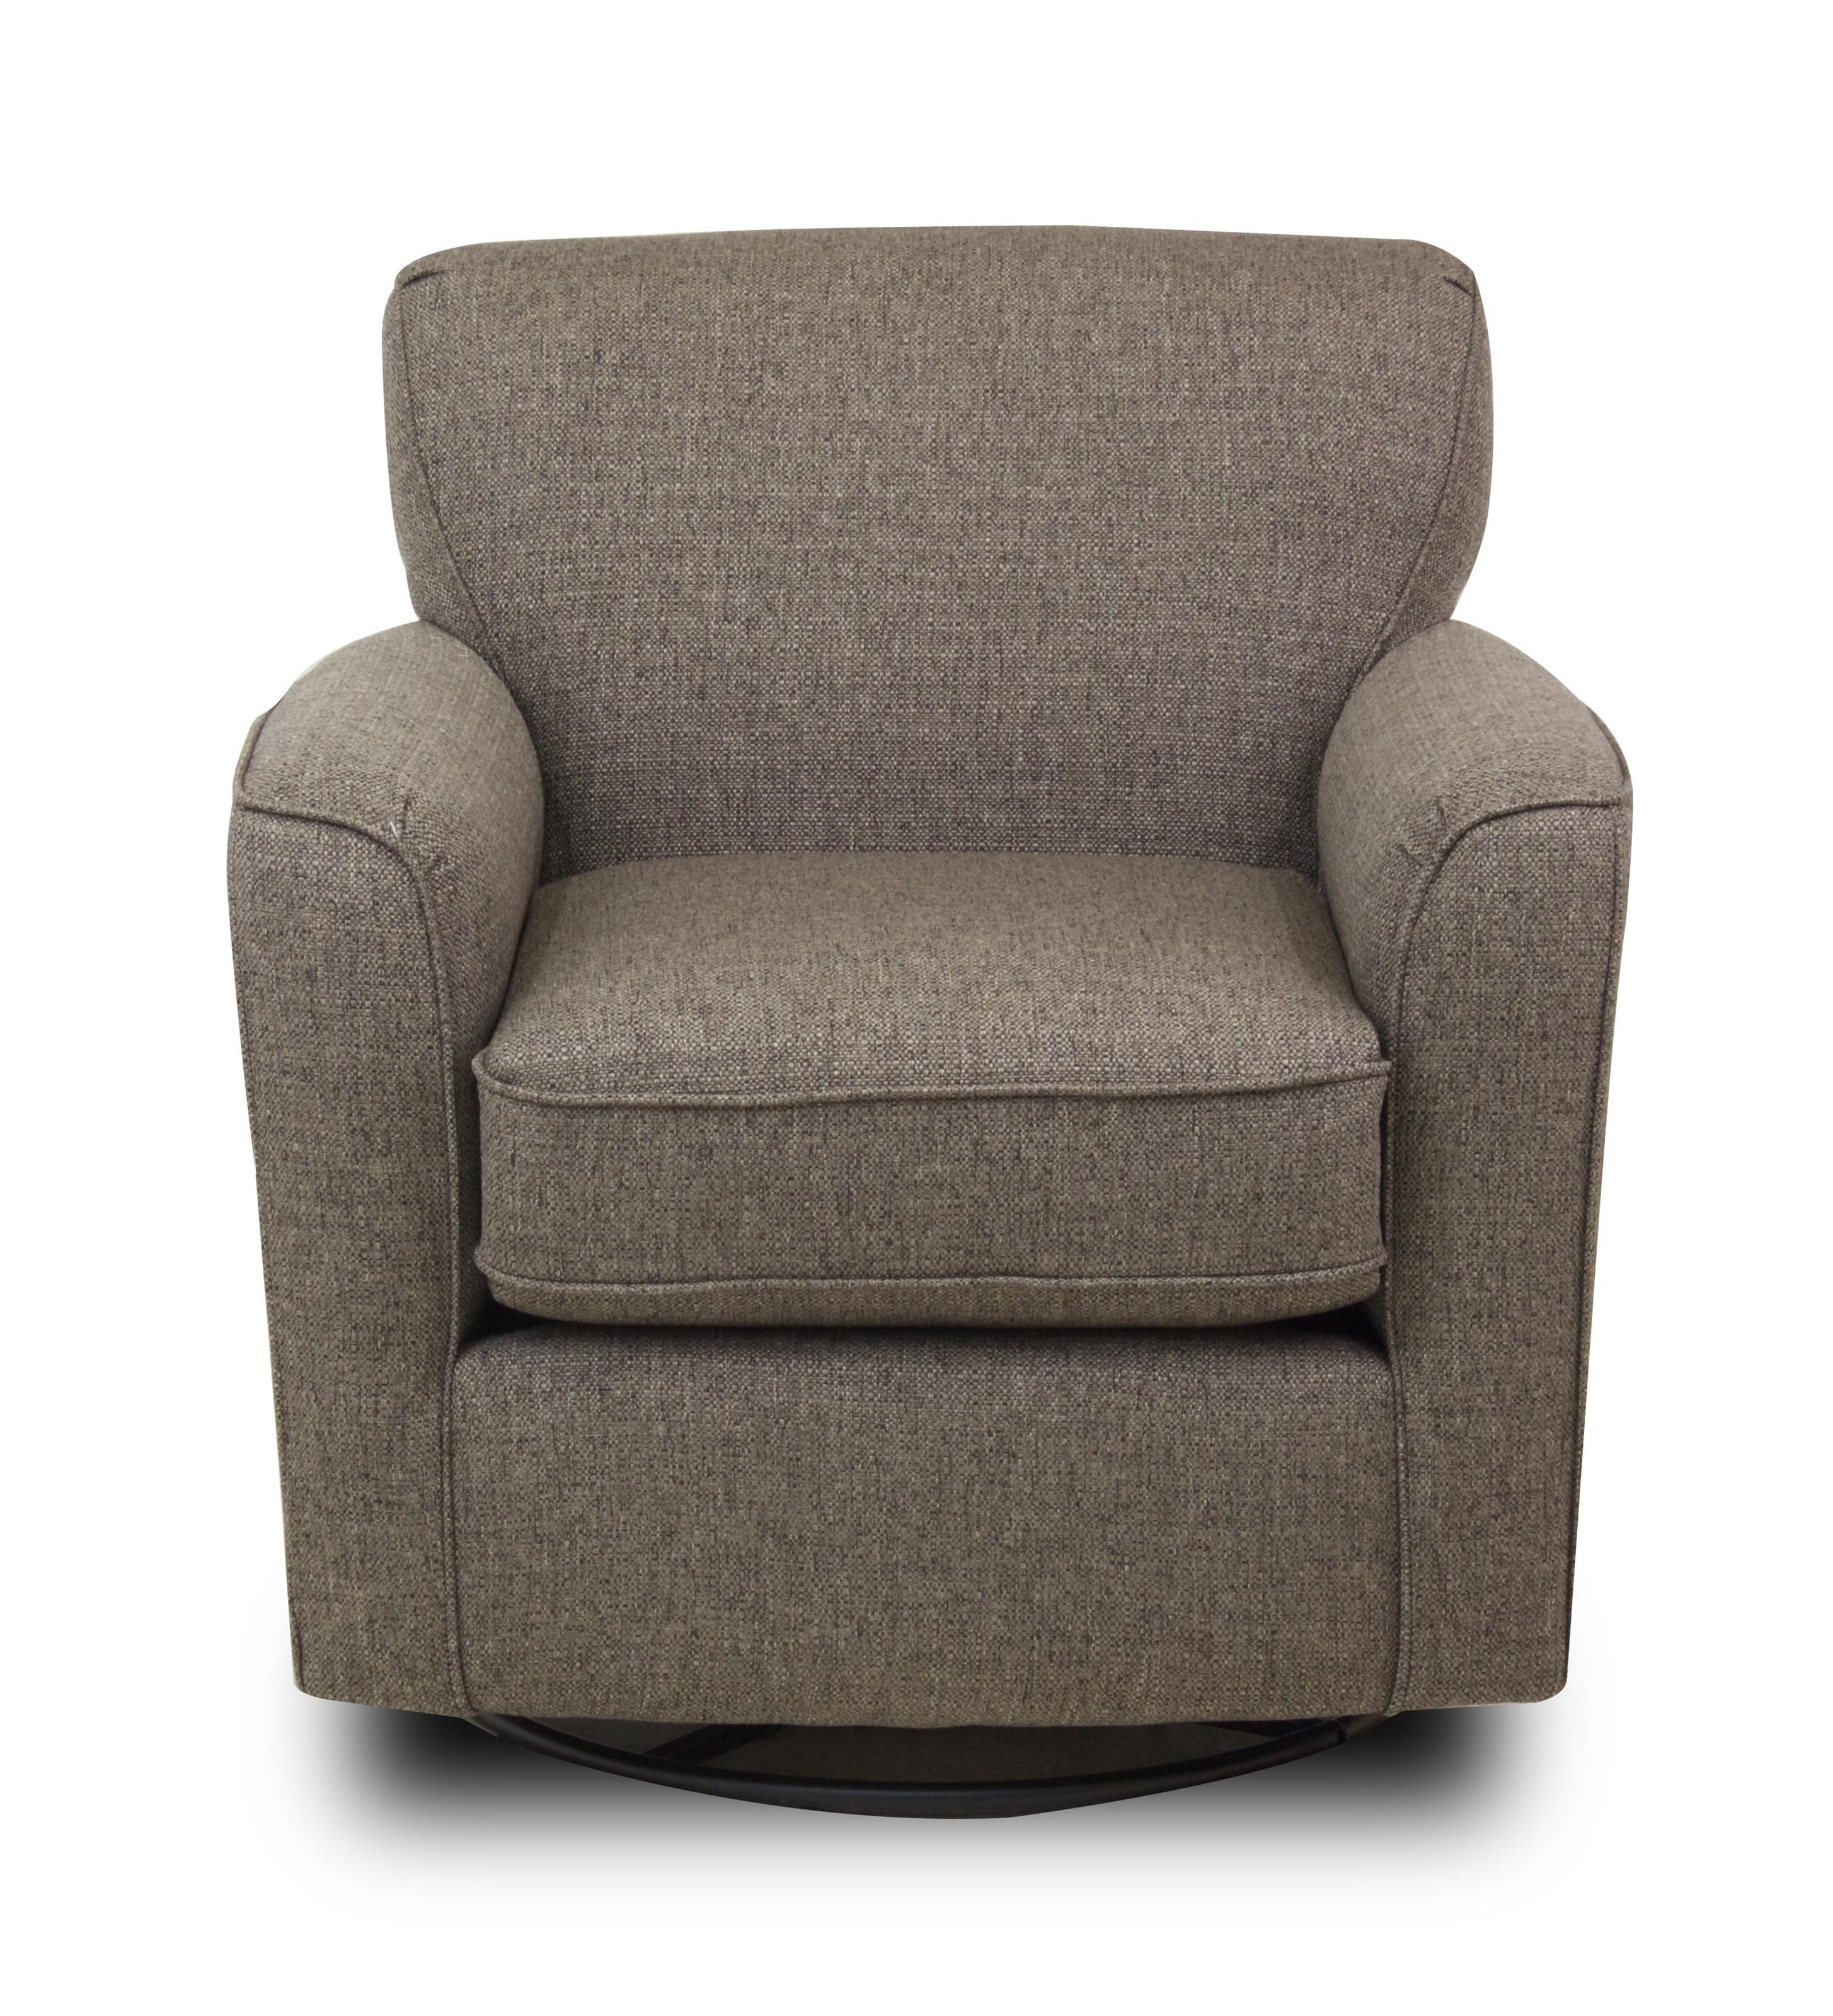 Swivel Glide Chairs Kaylee Swivel Barrel Chair